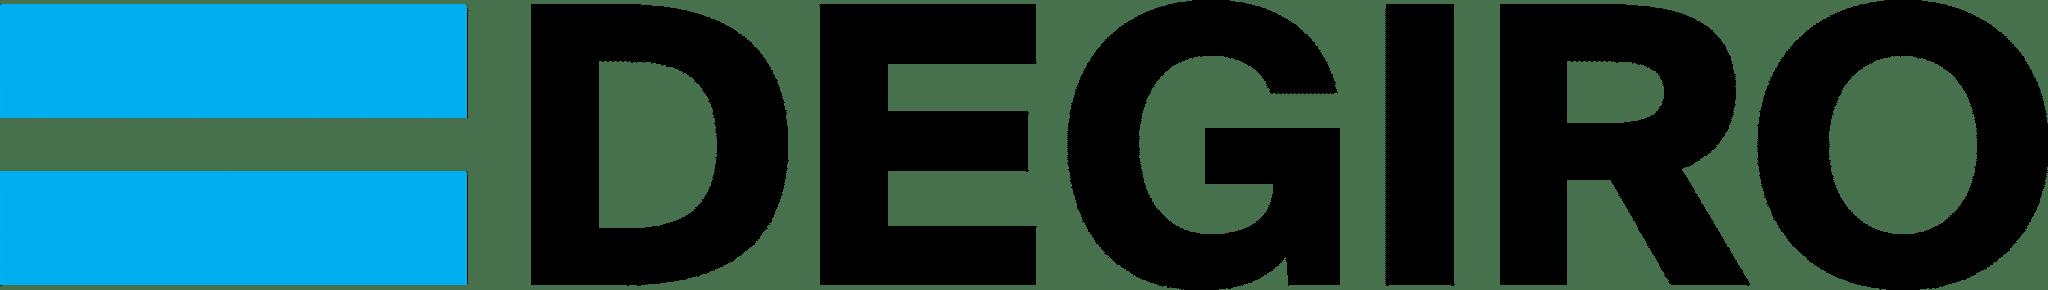 degiro_logo_fc